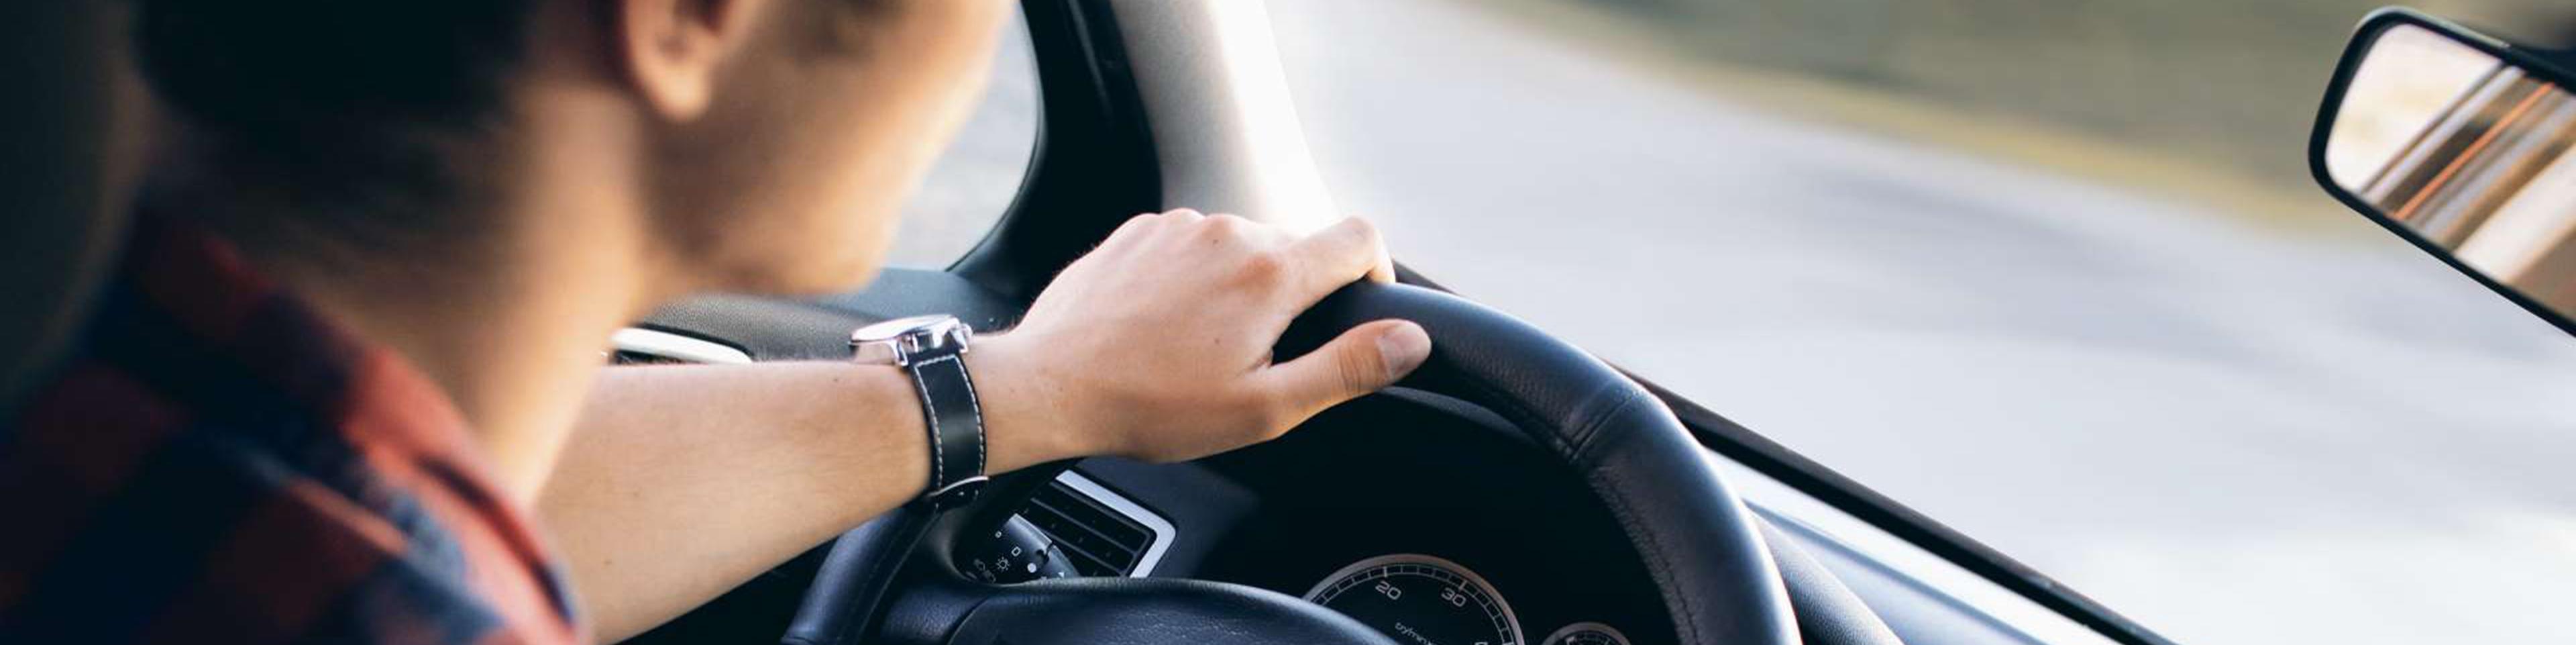 De fiscale aftrek van autokosten